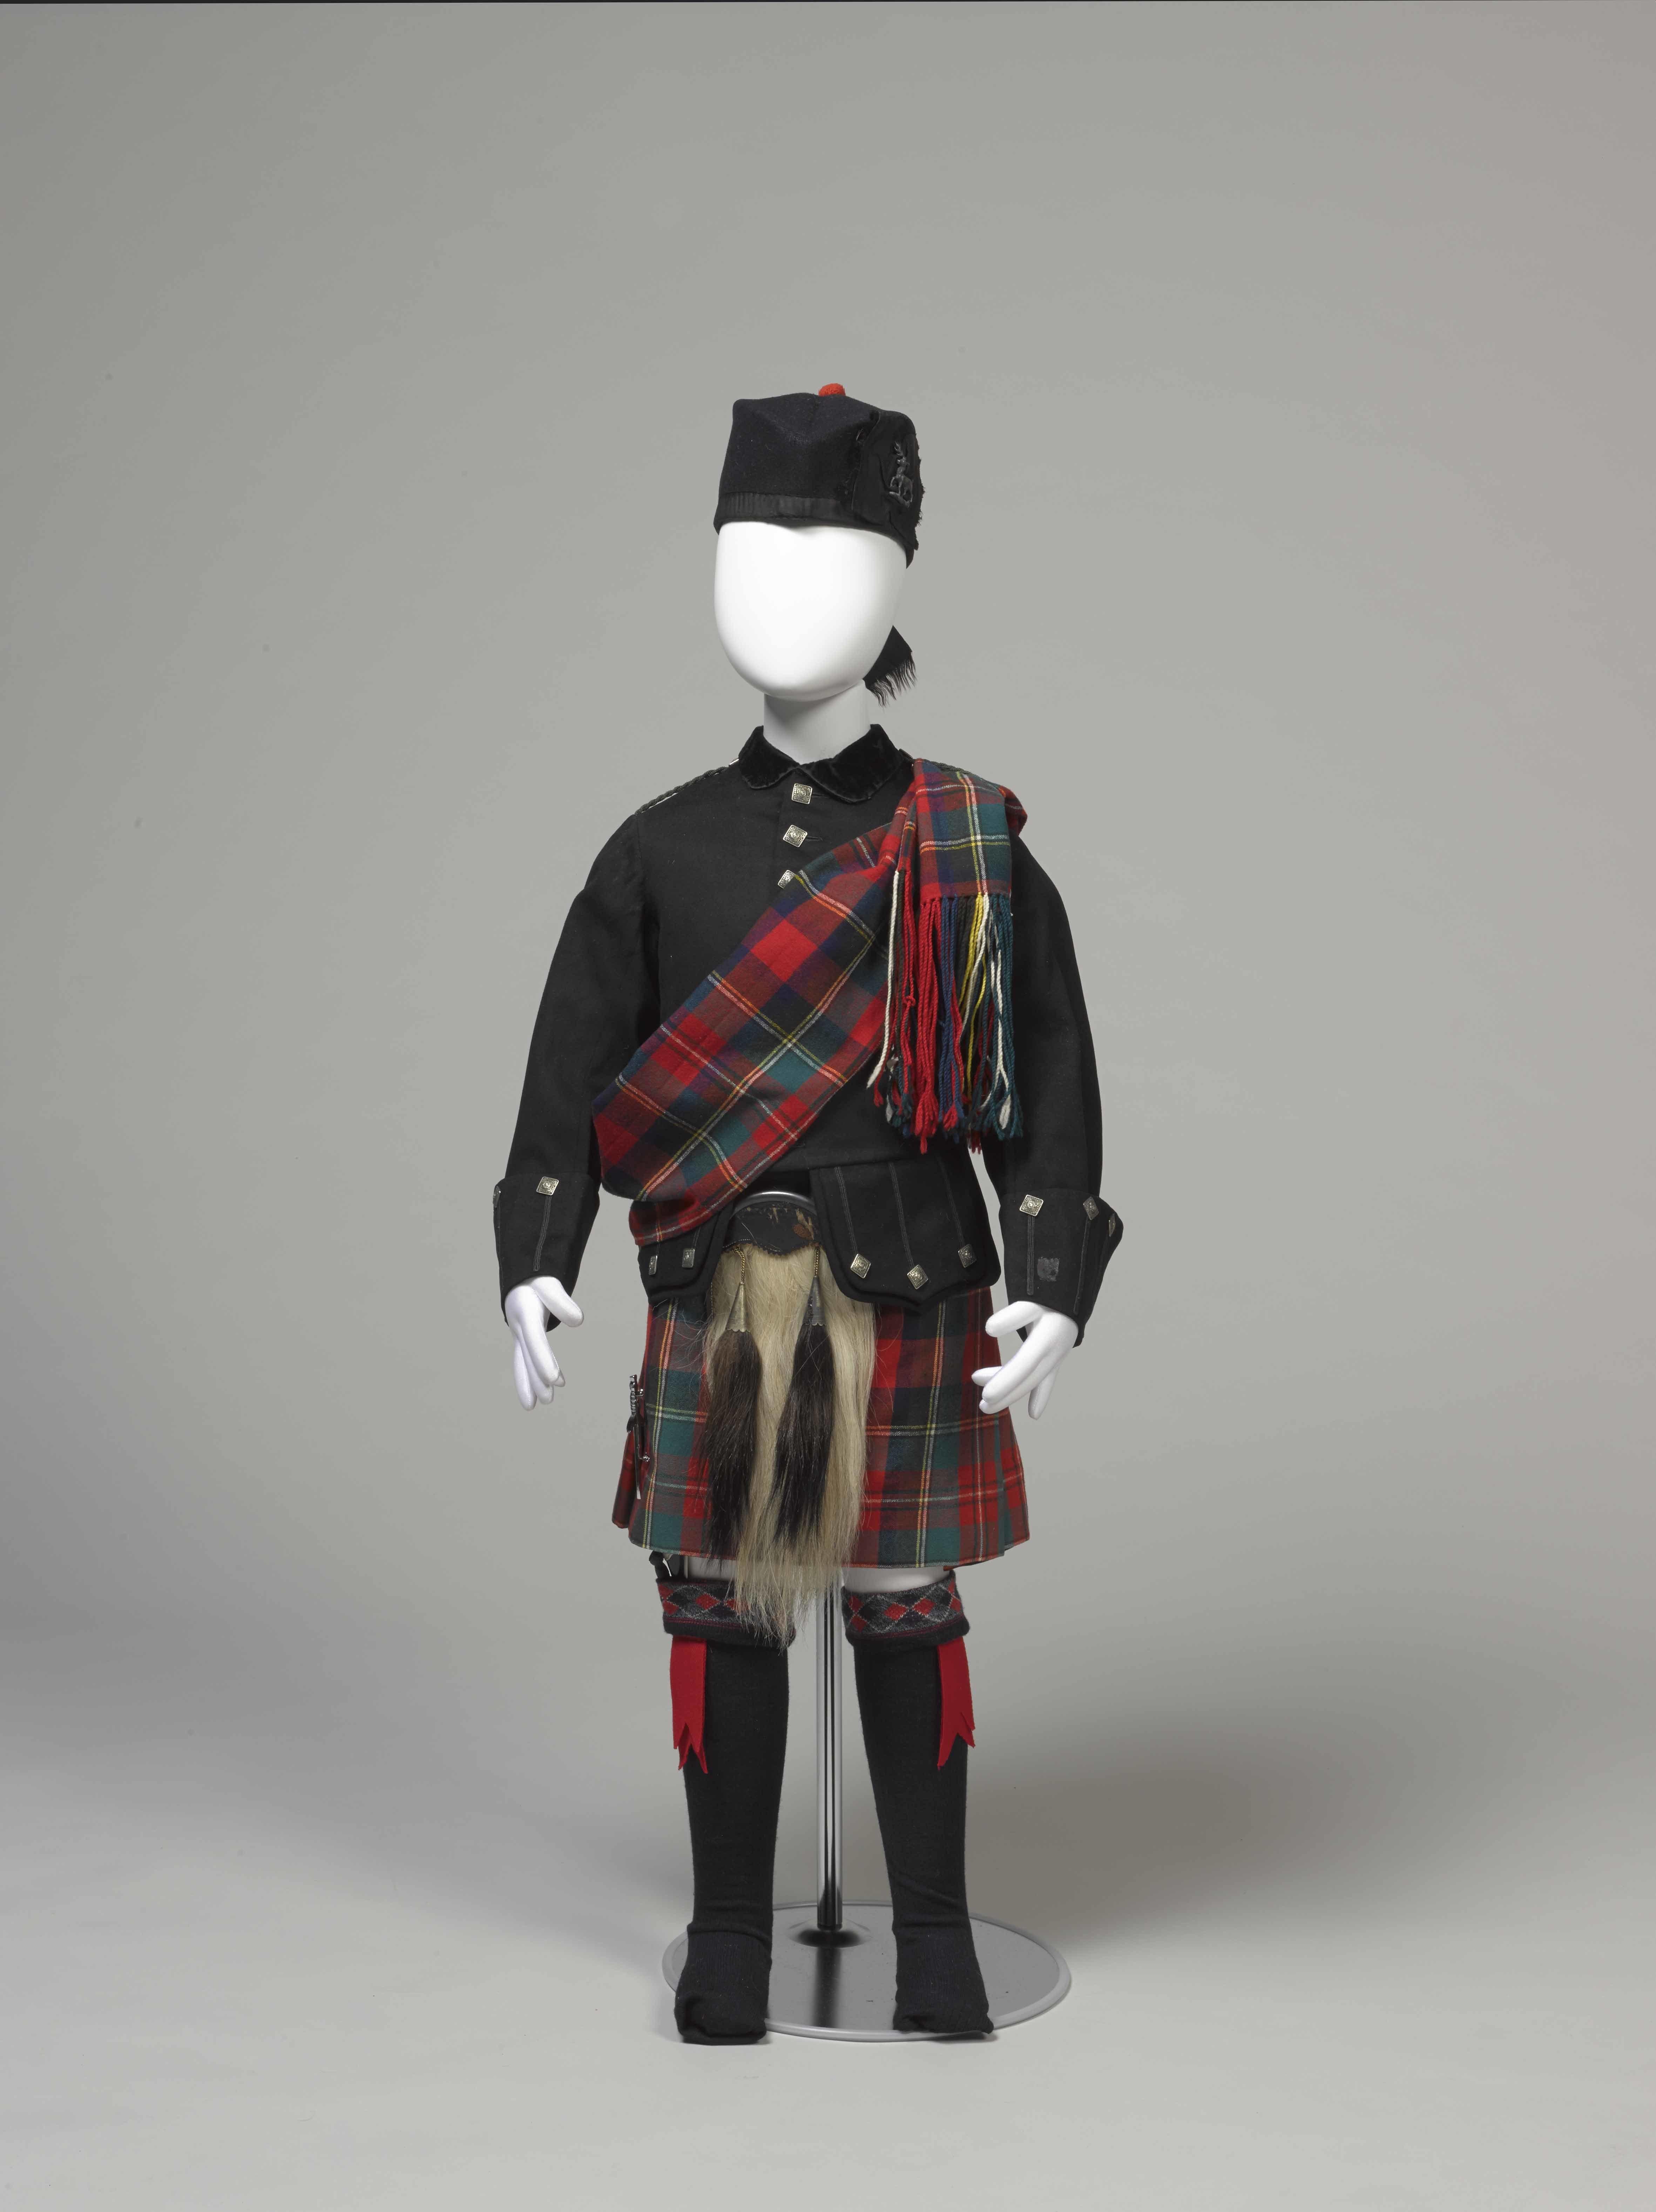 <子ども用ハイランド衣装一式> 1868年頃   神戸ファッション美術館蔵